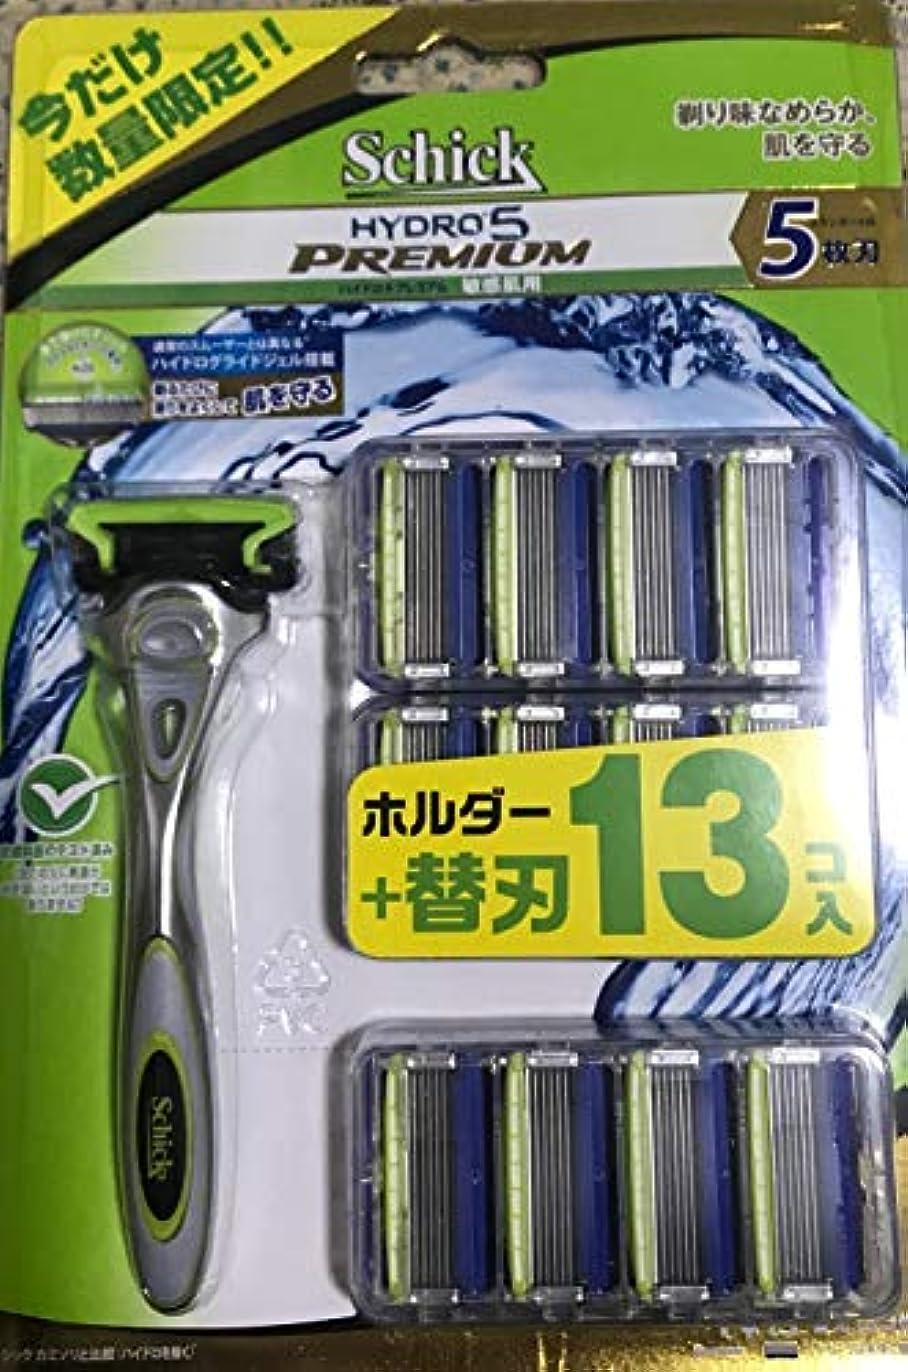 マダムシダ愚かシック Schick 5枚刃 ハイドロ5 プレミアム 本体敏感肌用+替刃13個セット (本体+替刃13個入)